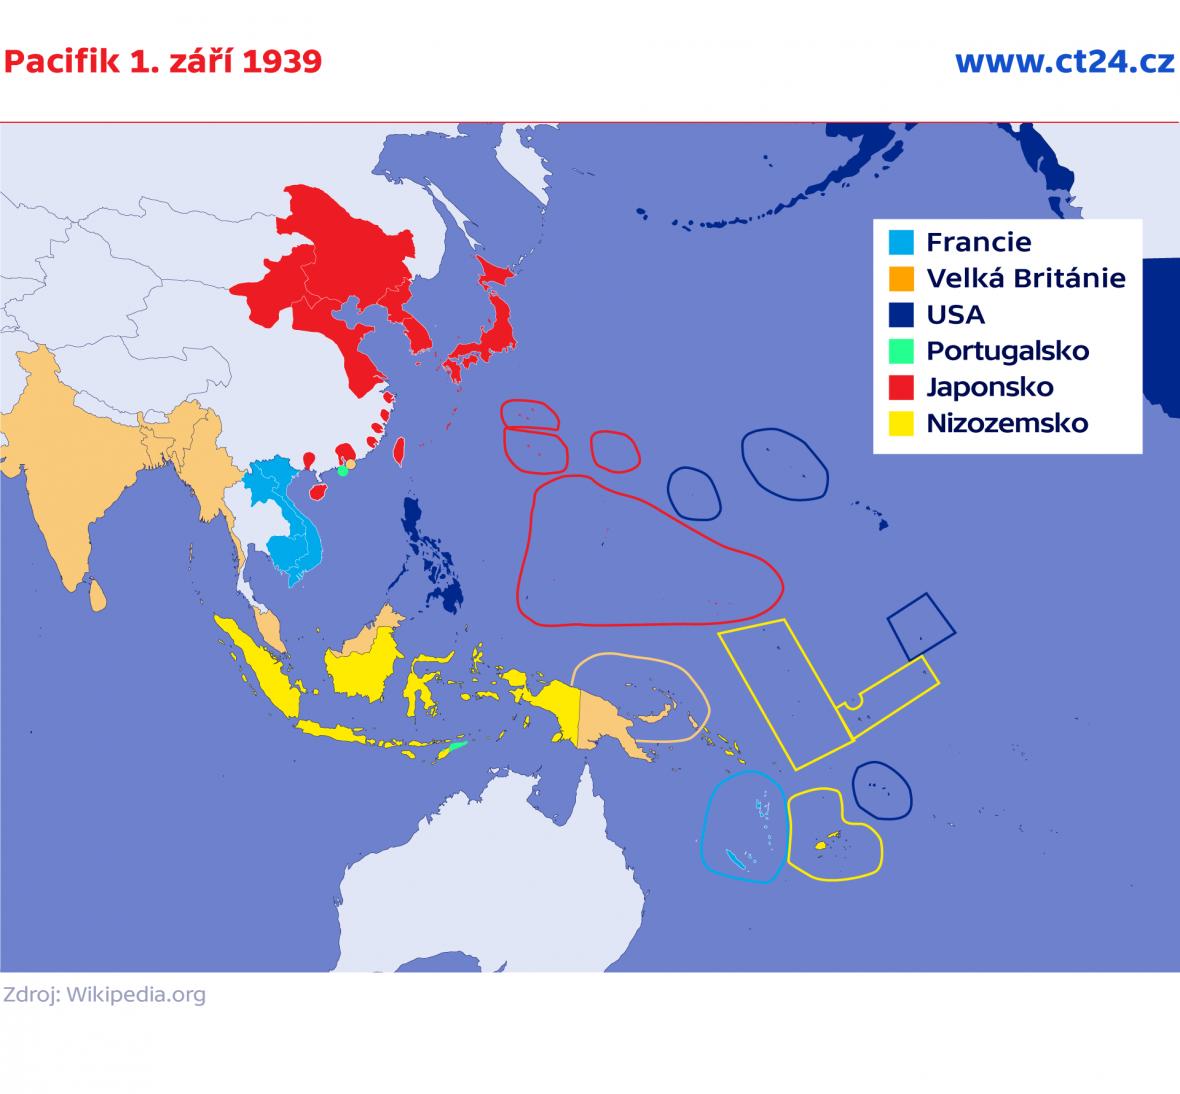 Pacifik 1. září 1939